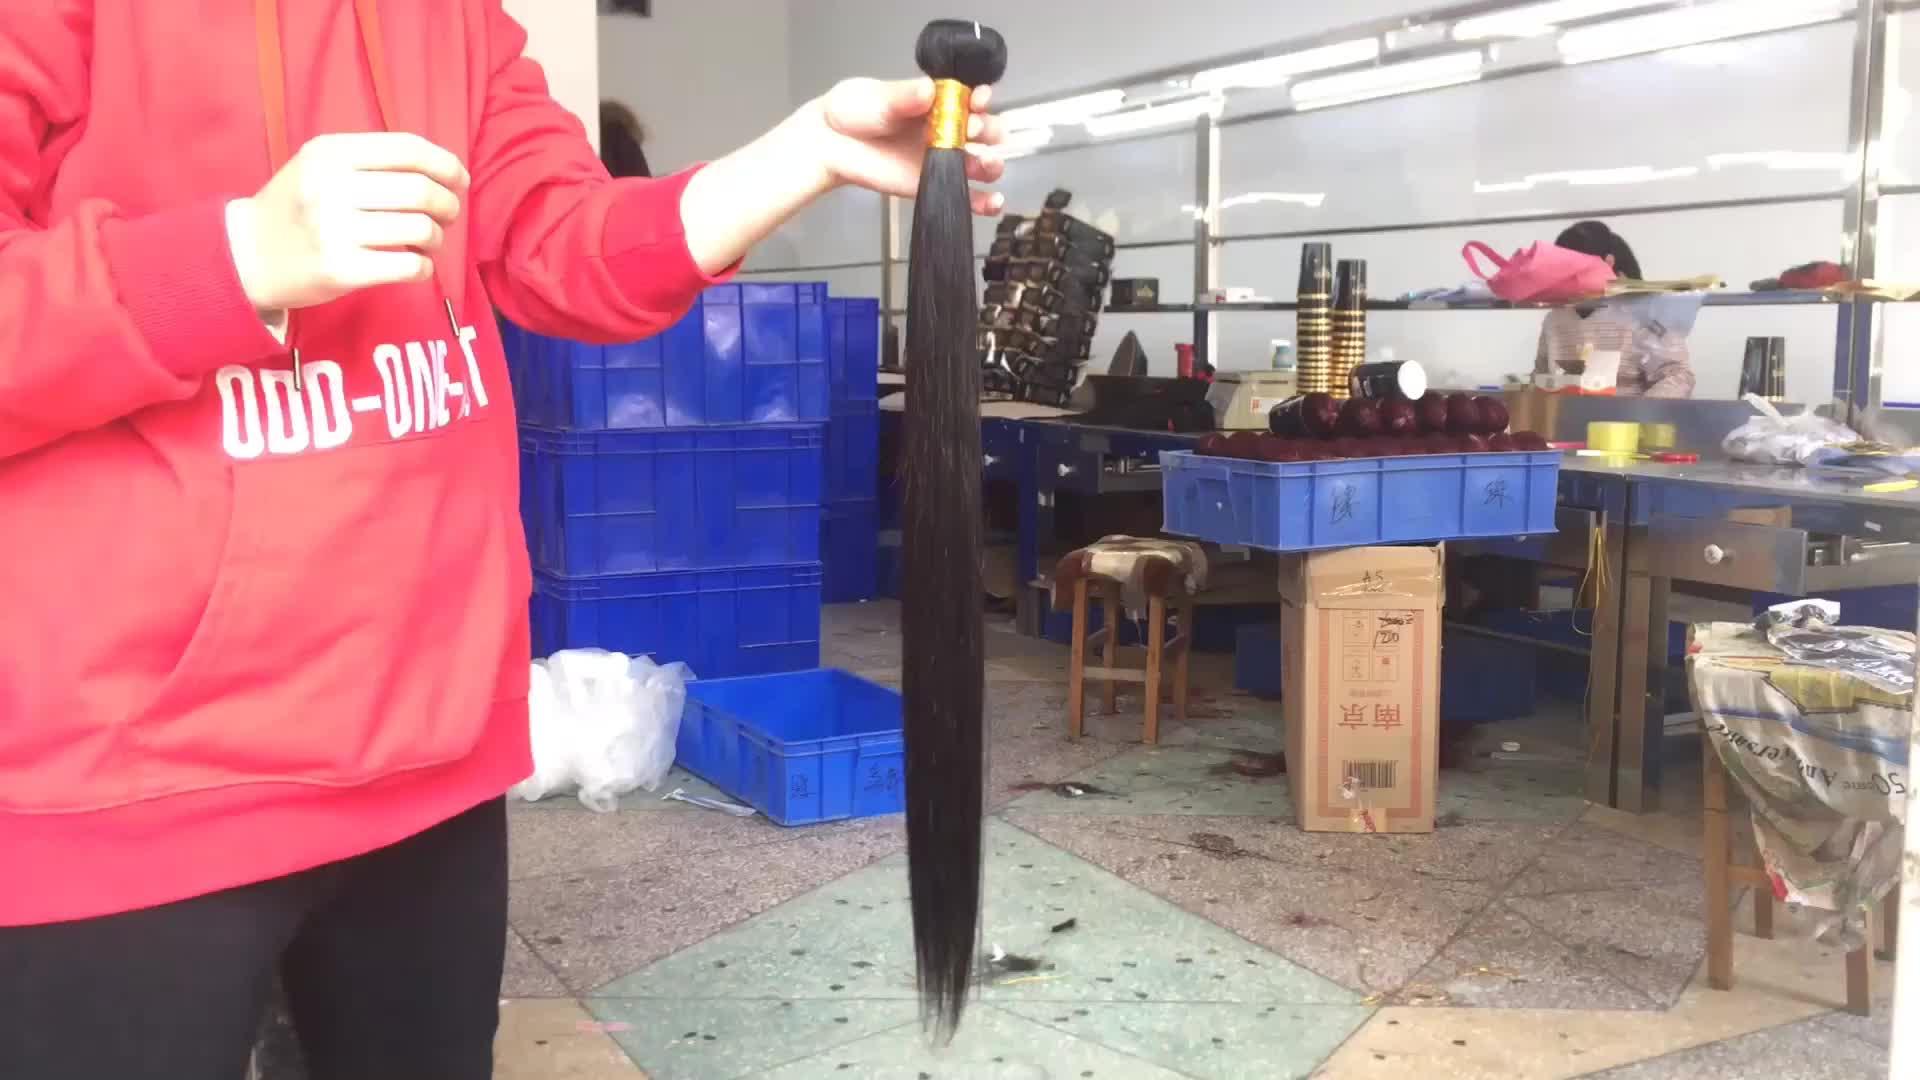 イーライ 10A グレード 100% ブラジル人毛束を、未処理の卸売バージンブラジルの毛、バージンキューティクル同盟髪